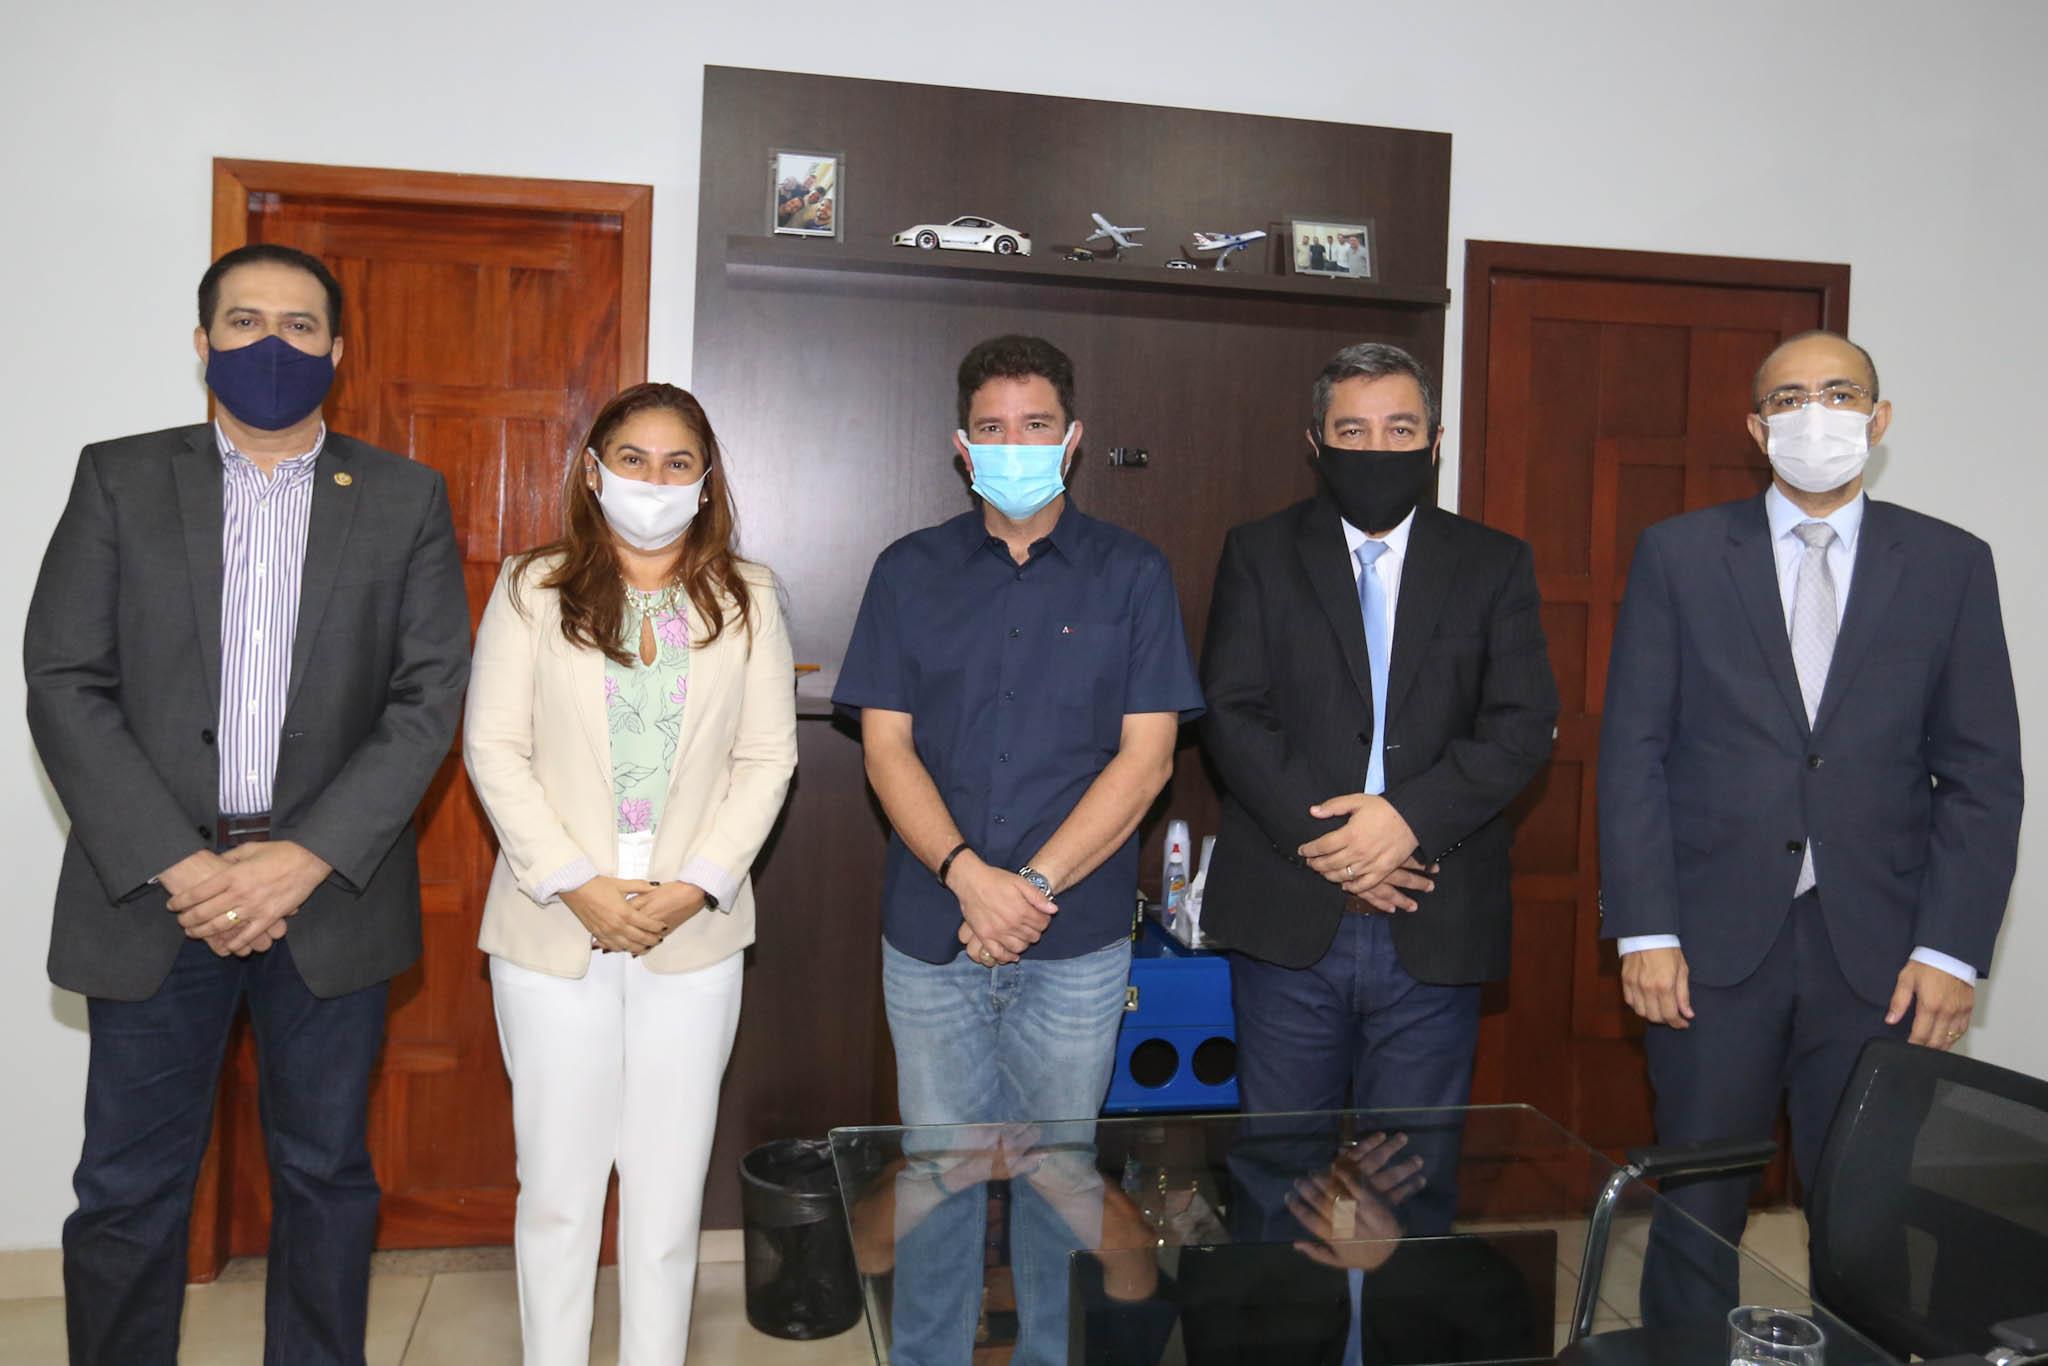 Cameli recebe visita institucional de desembargadores eleitos para nova gestão do TJ